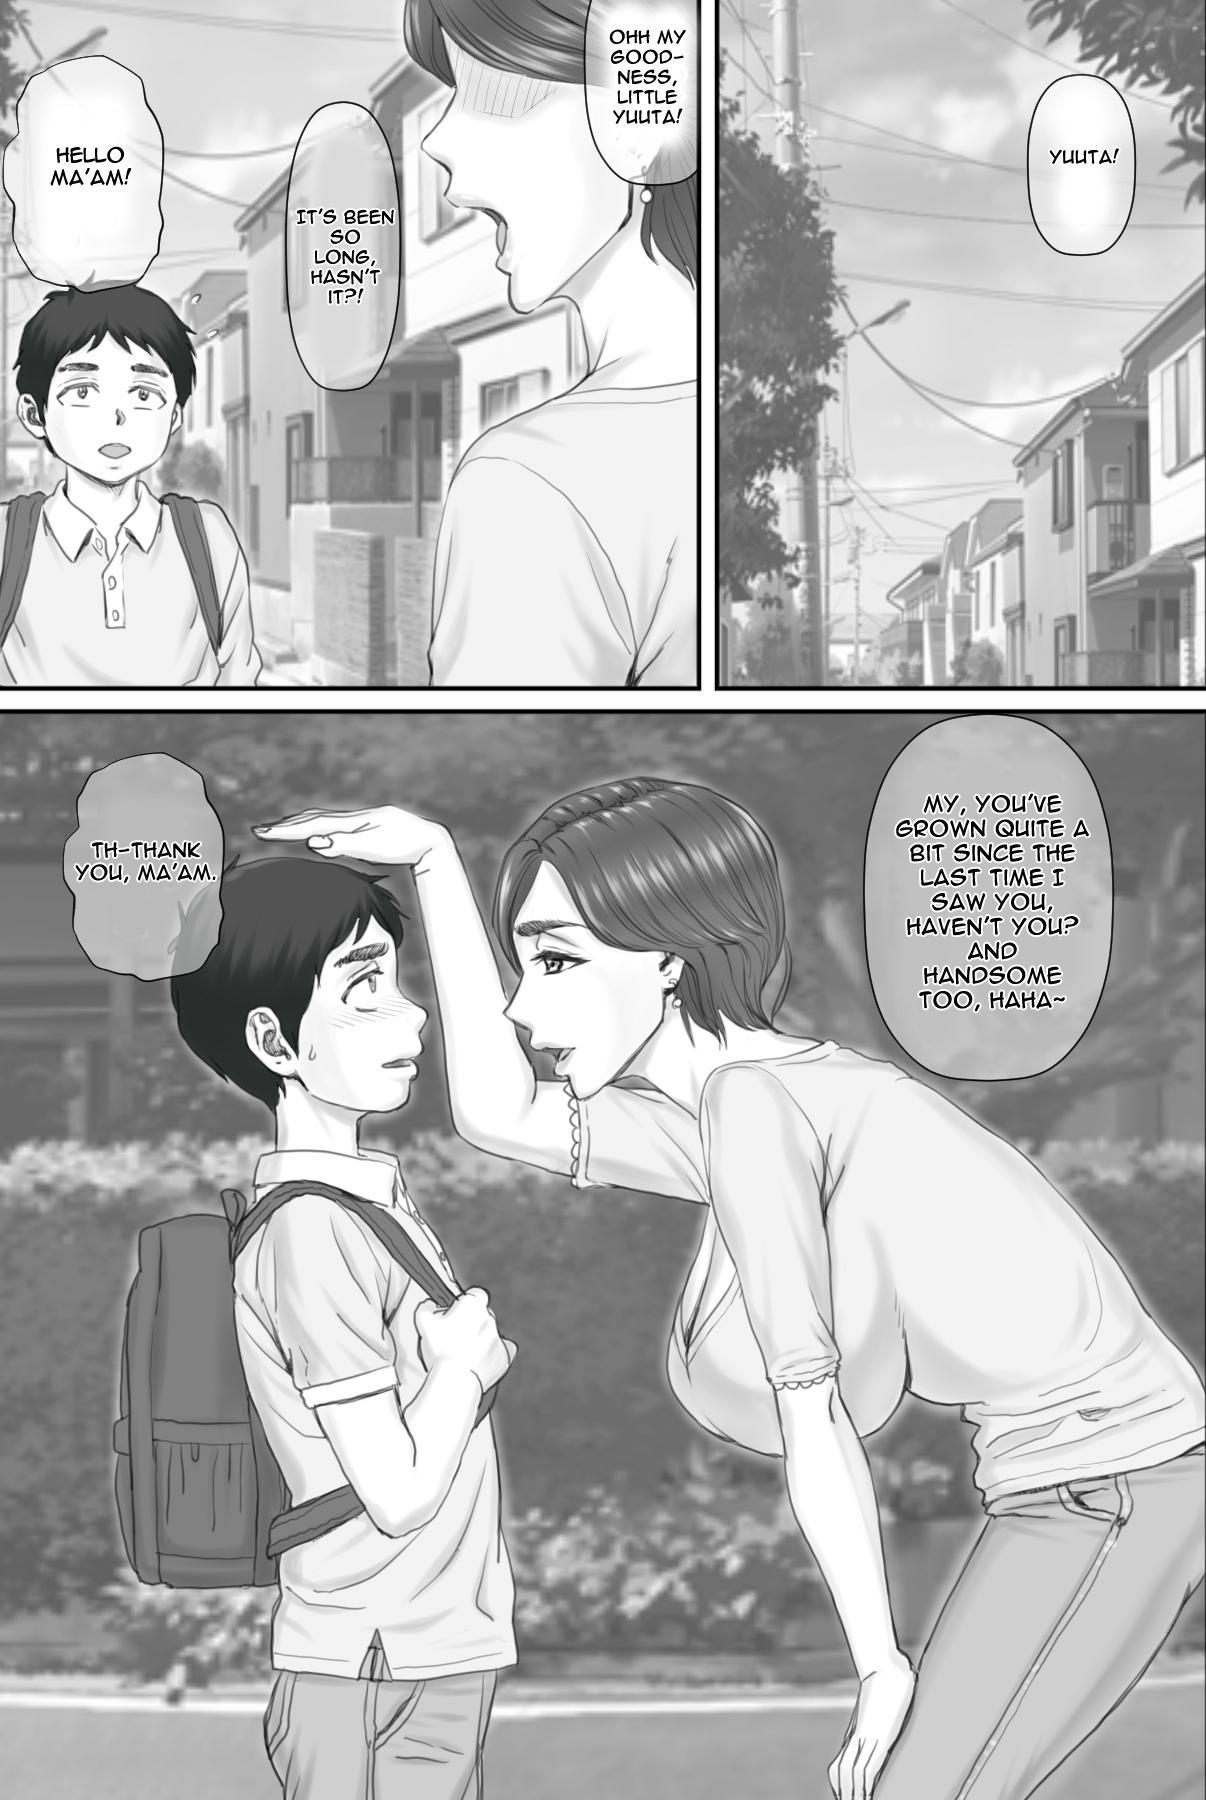 [Ponkotsu Damashii] Boku no Kanojo wa 40-sai no Hitozuma de Mama no Tomodachi | My Girlfriend is my mom's friend - A 40 year old housewife [English] [Jashinslayer] 6